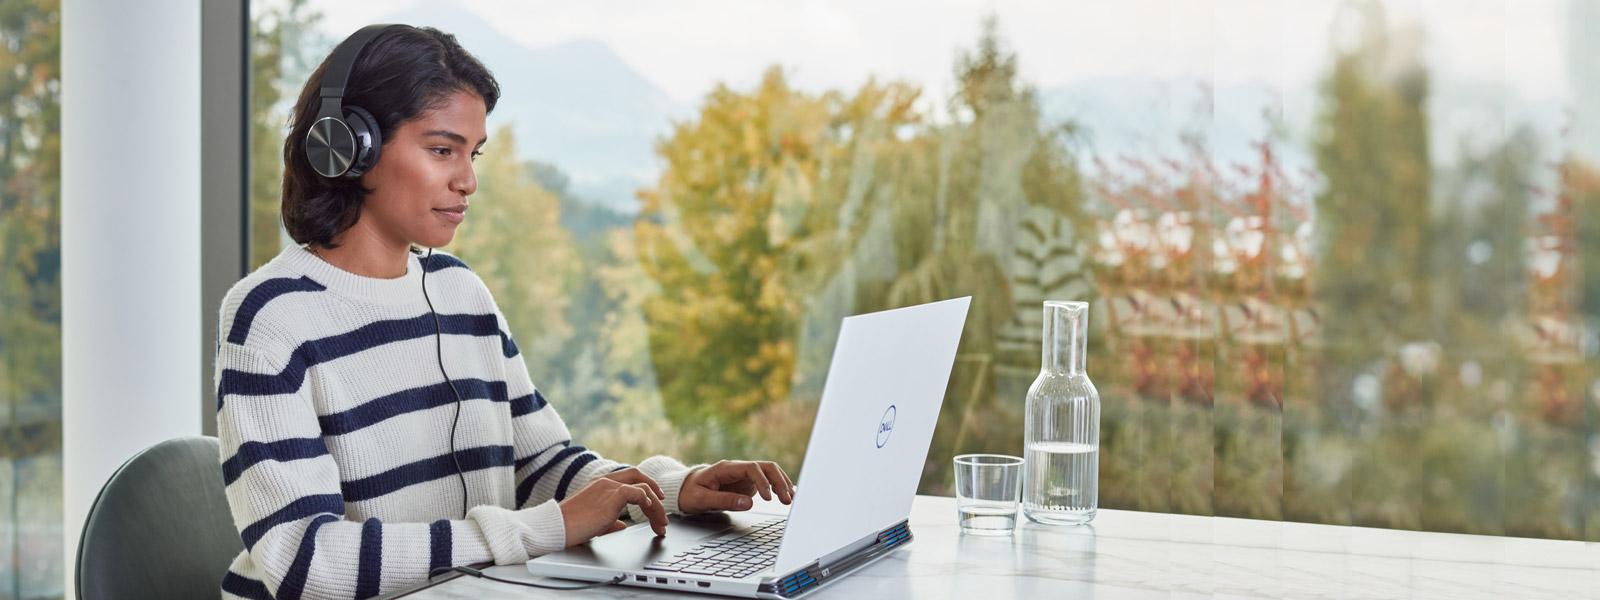 Un étudiant assis à une table travaillant sur un ordinateur portable et portant des écouteurs